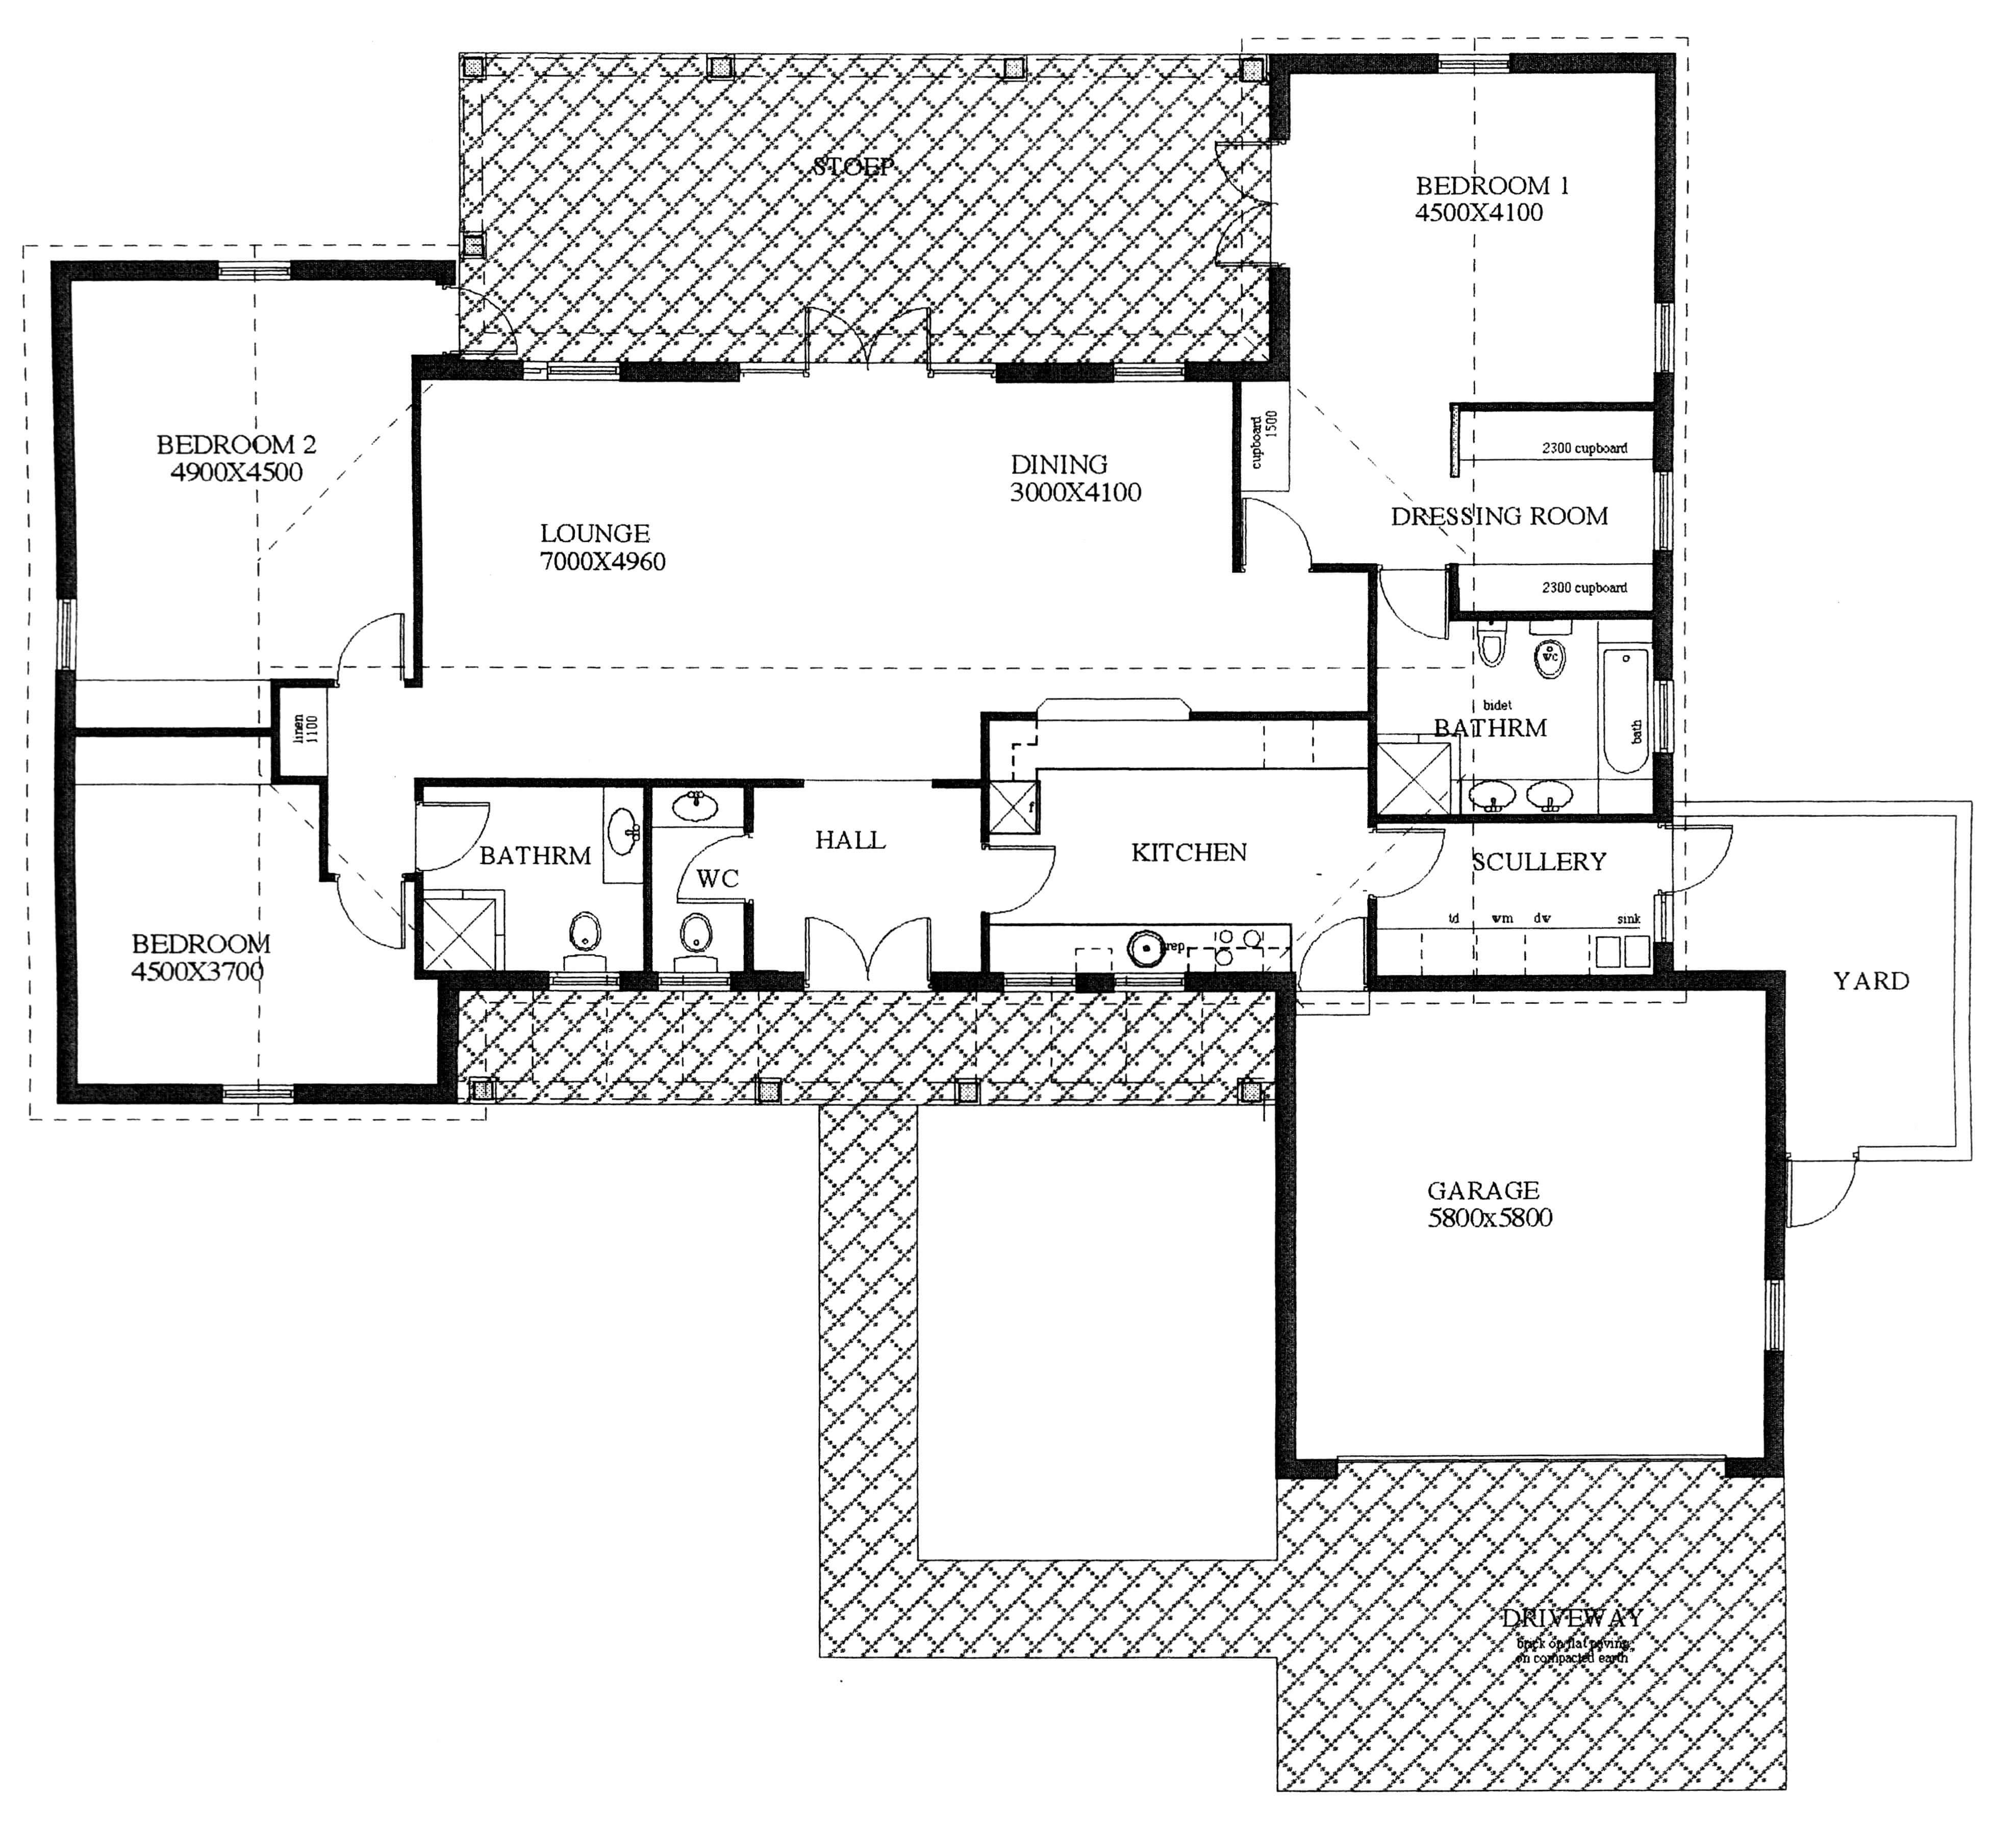 Floor Plan - Hornbill Floor Plan